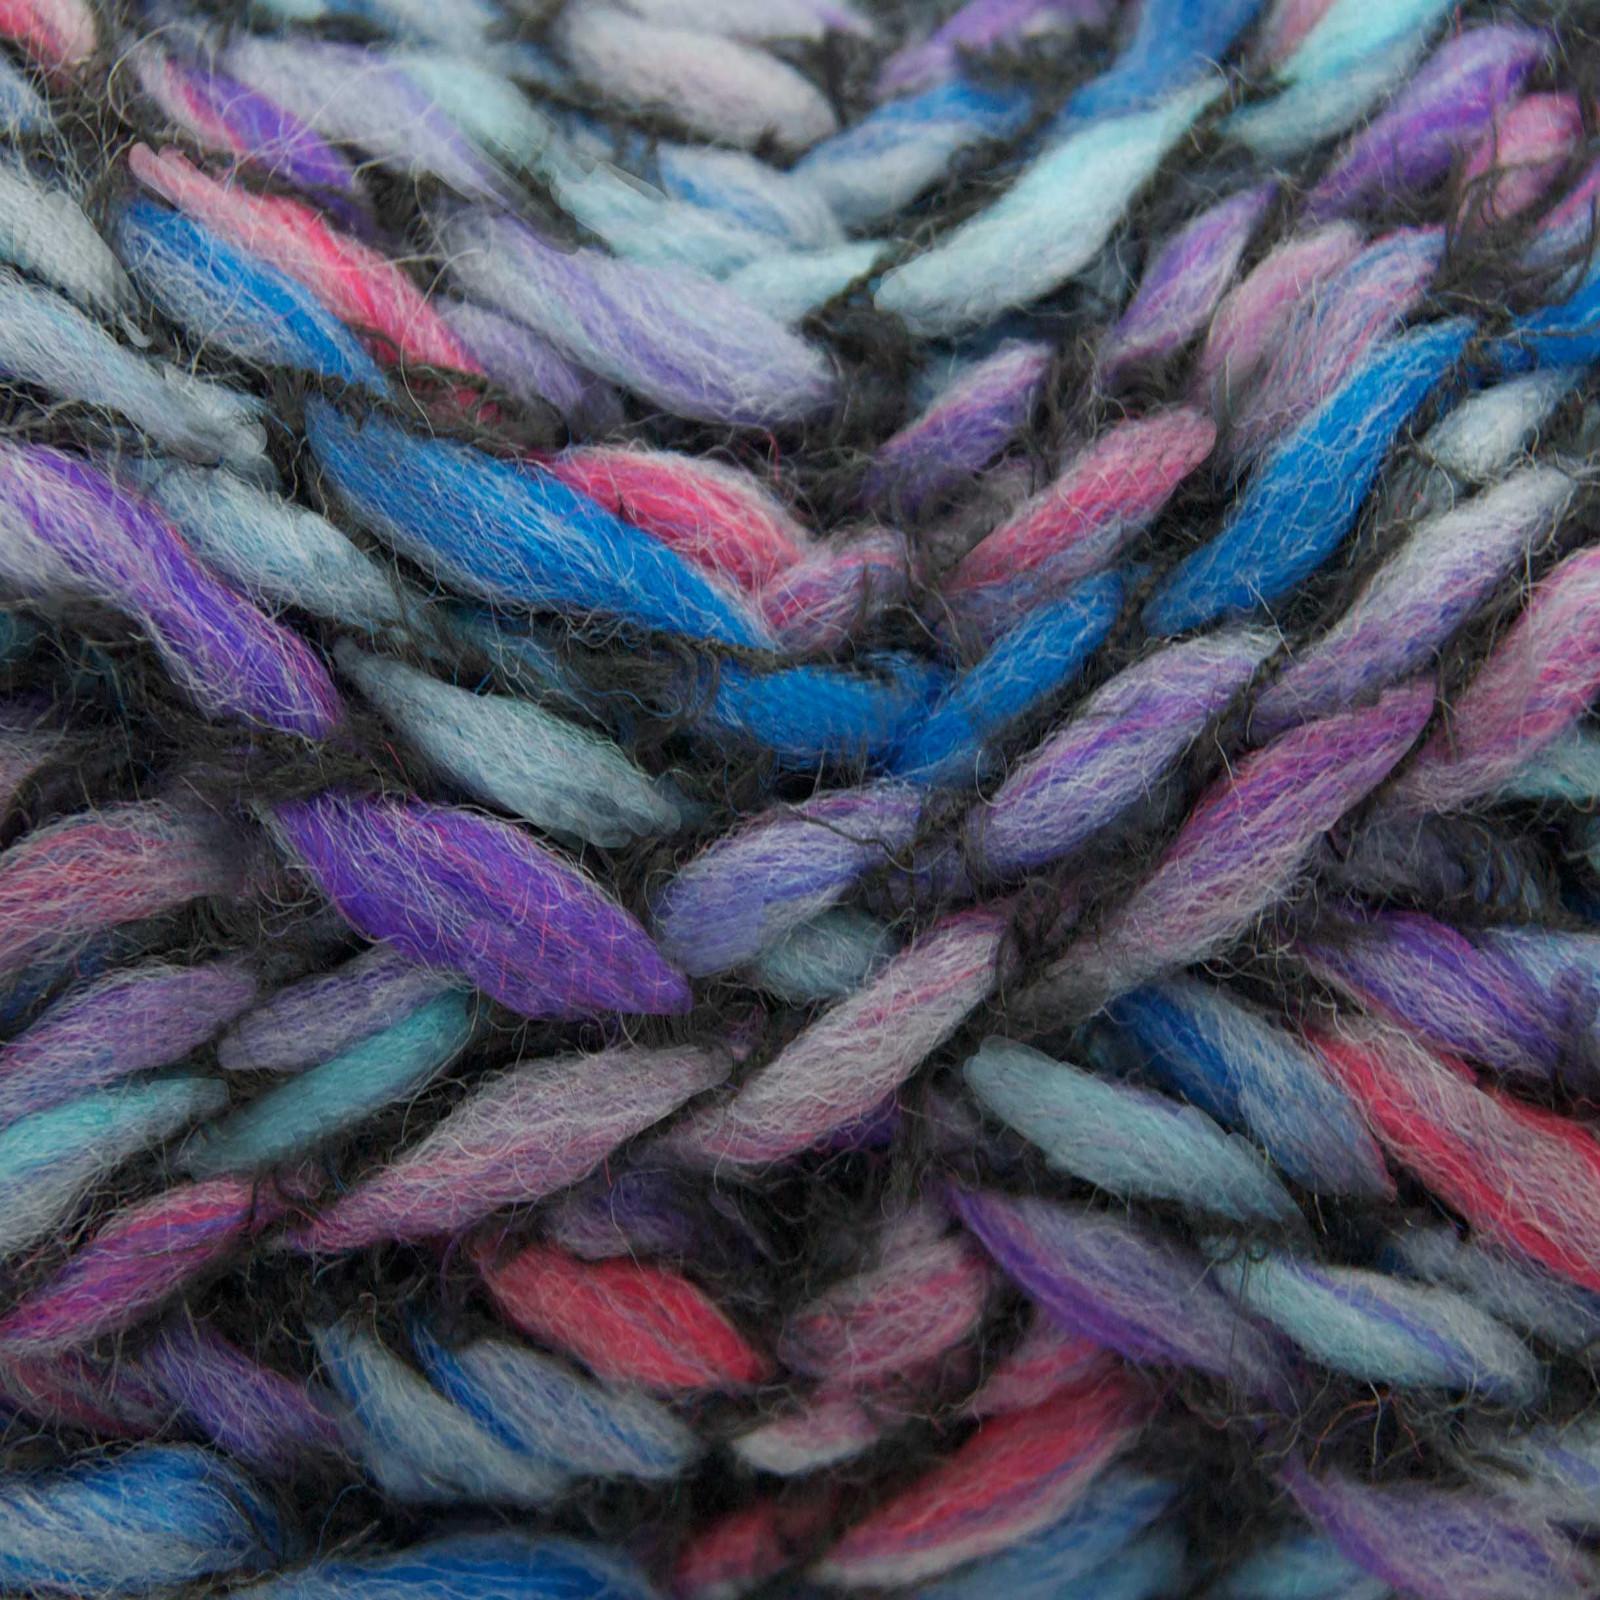 588884b61a8c Gypsy Super Chunky King Cole 100g Wool Ball Soft Knitting Yarn ...